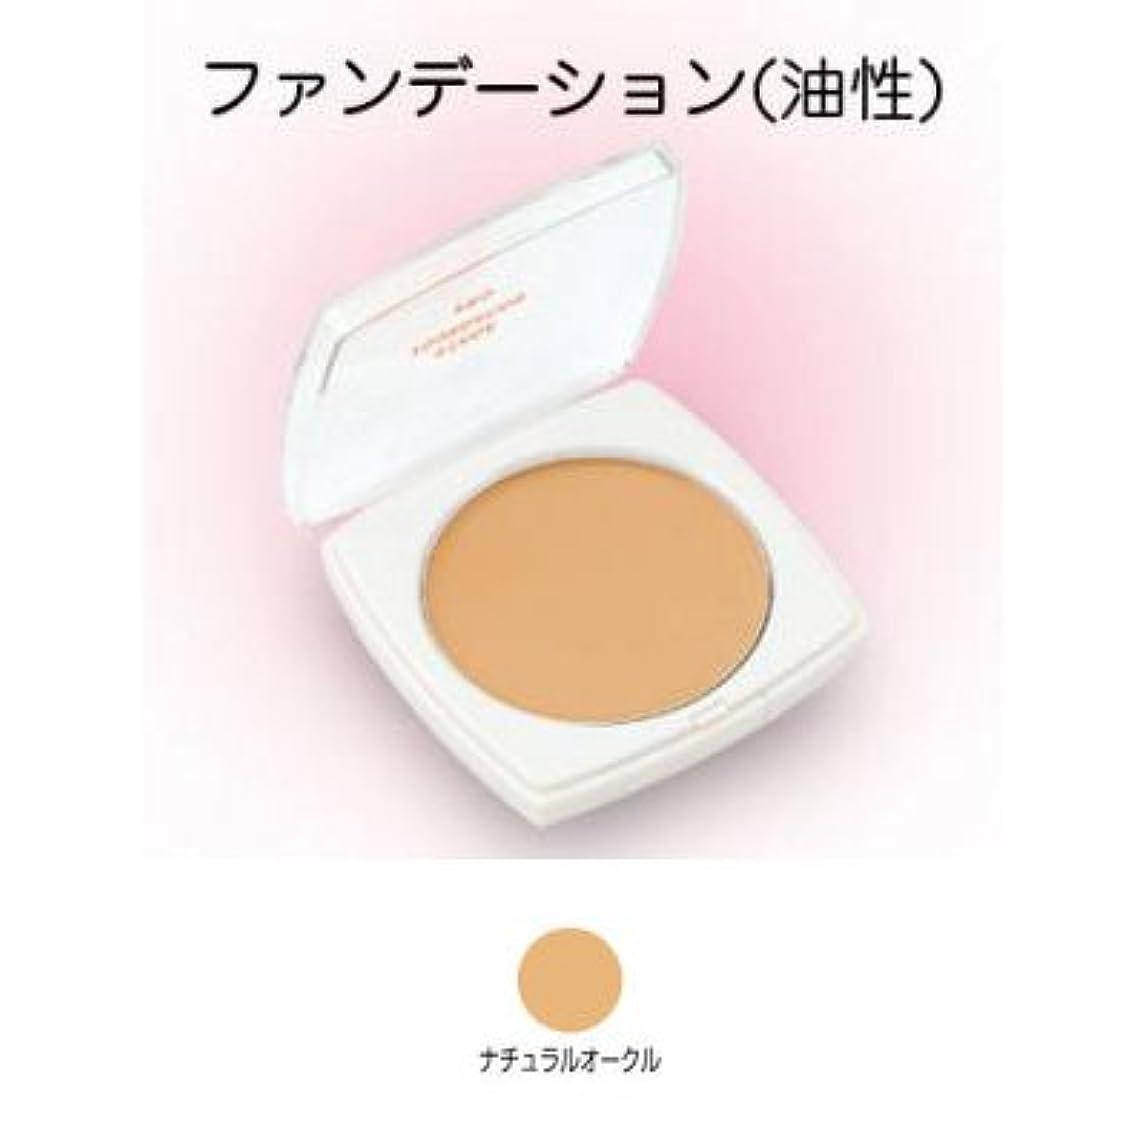 ホイスト魅力的健康ステージファンデーション プロ 13g ナチュラルオークル 【三善】